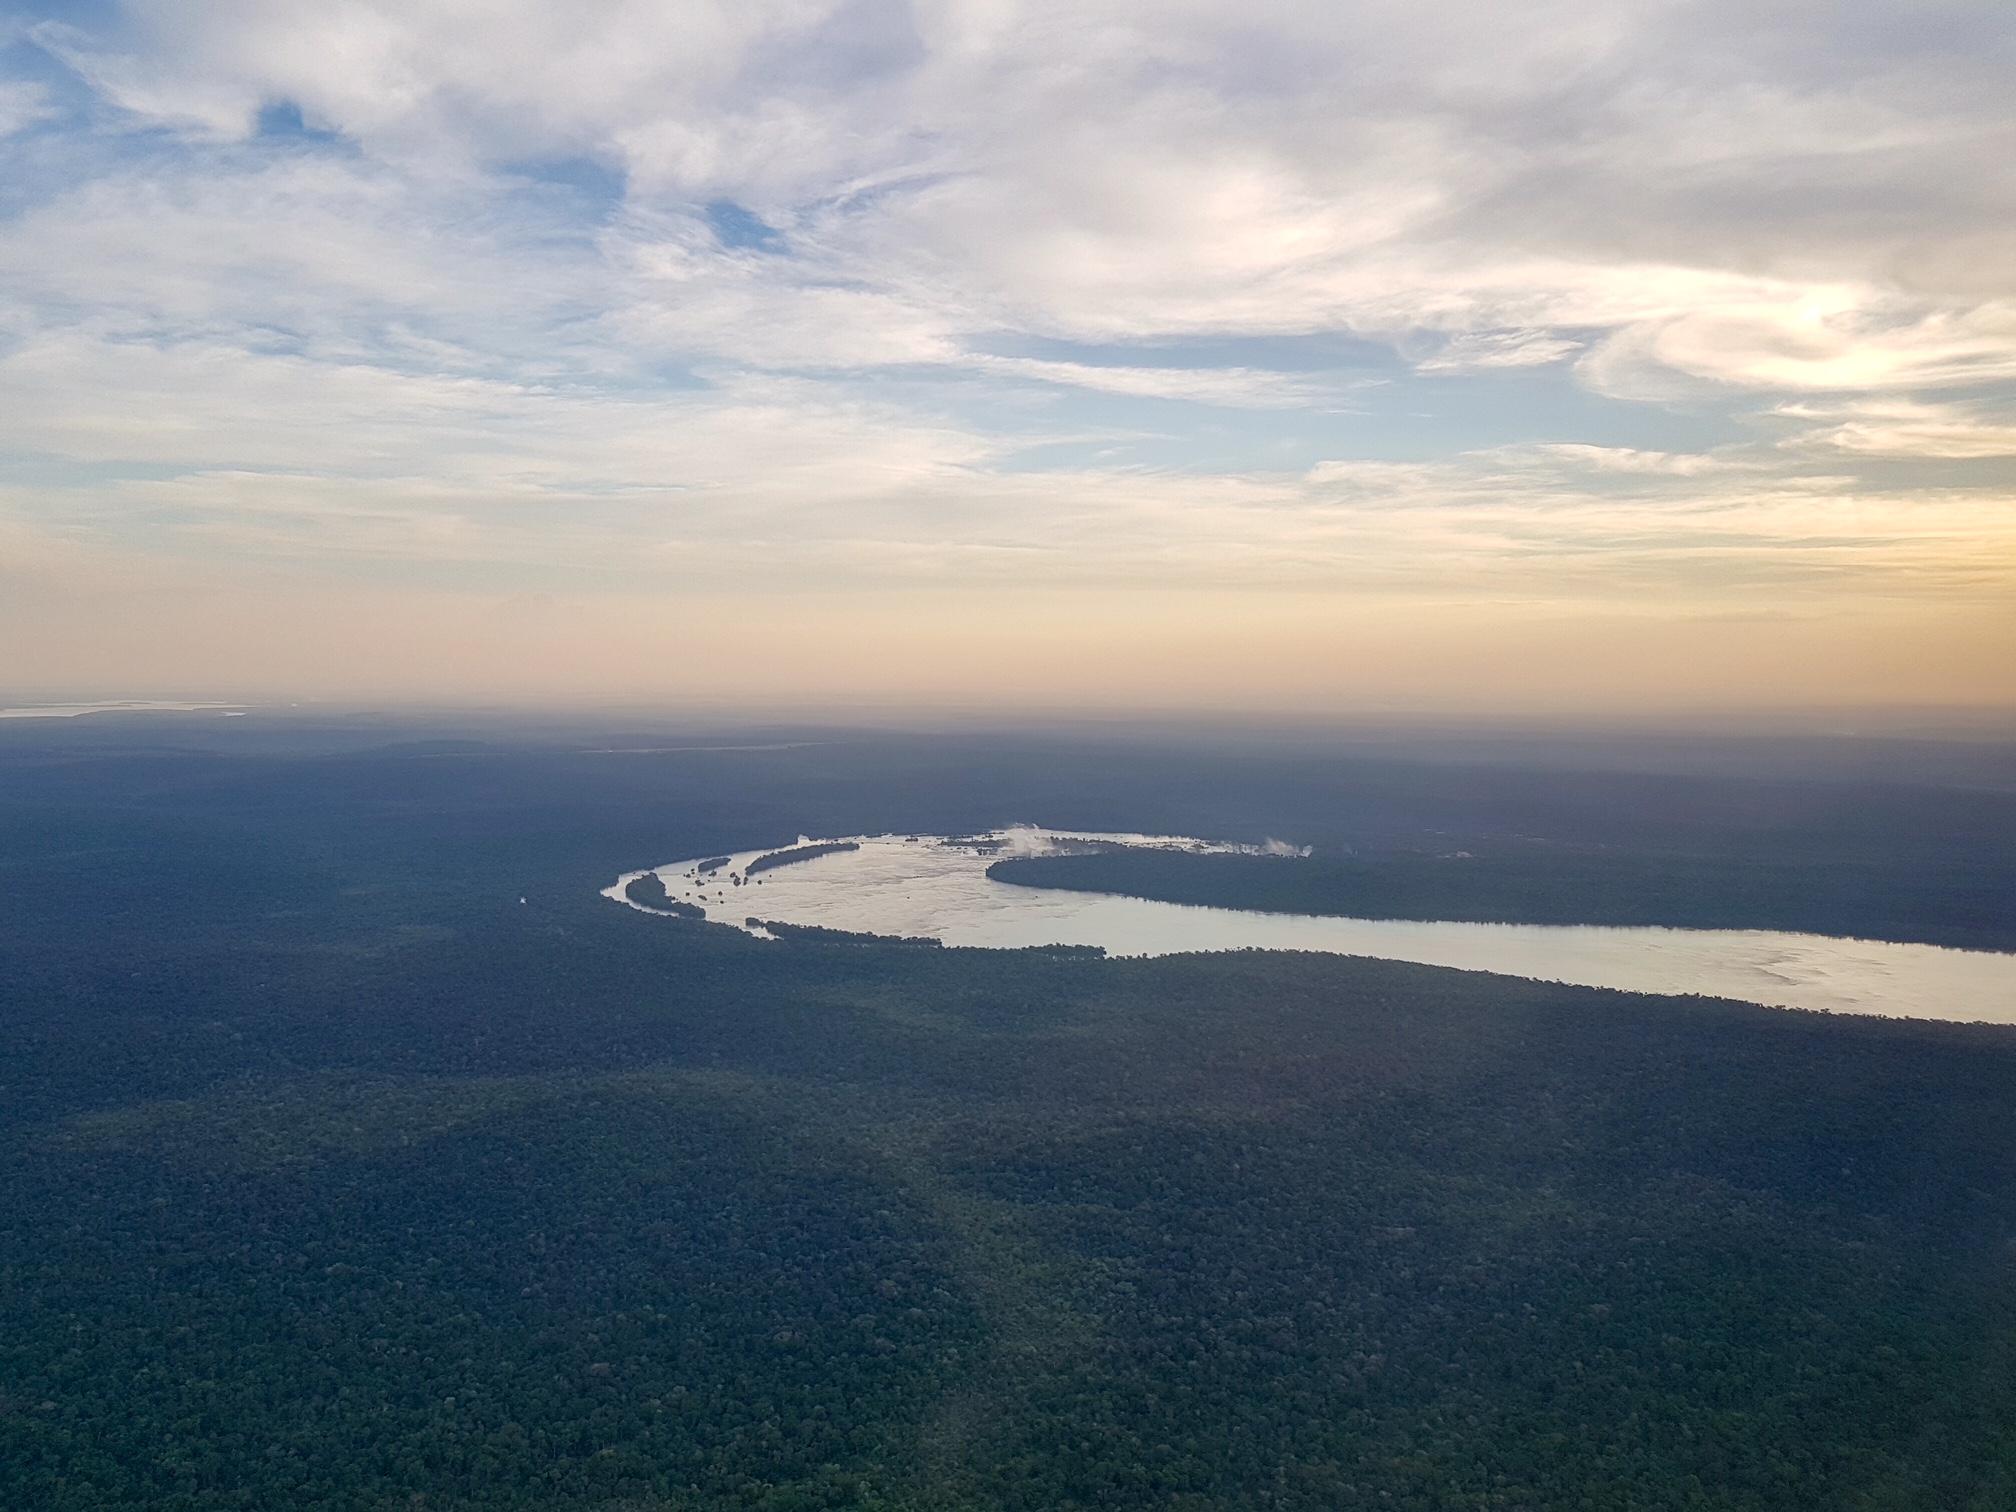 Visitar las Cataratas del Iguazú, vista de las Cataratas desde el avión